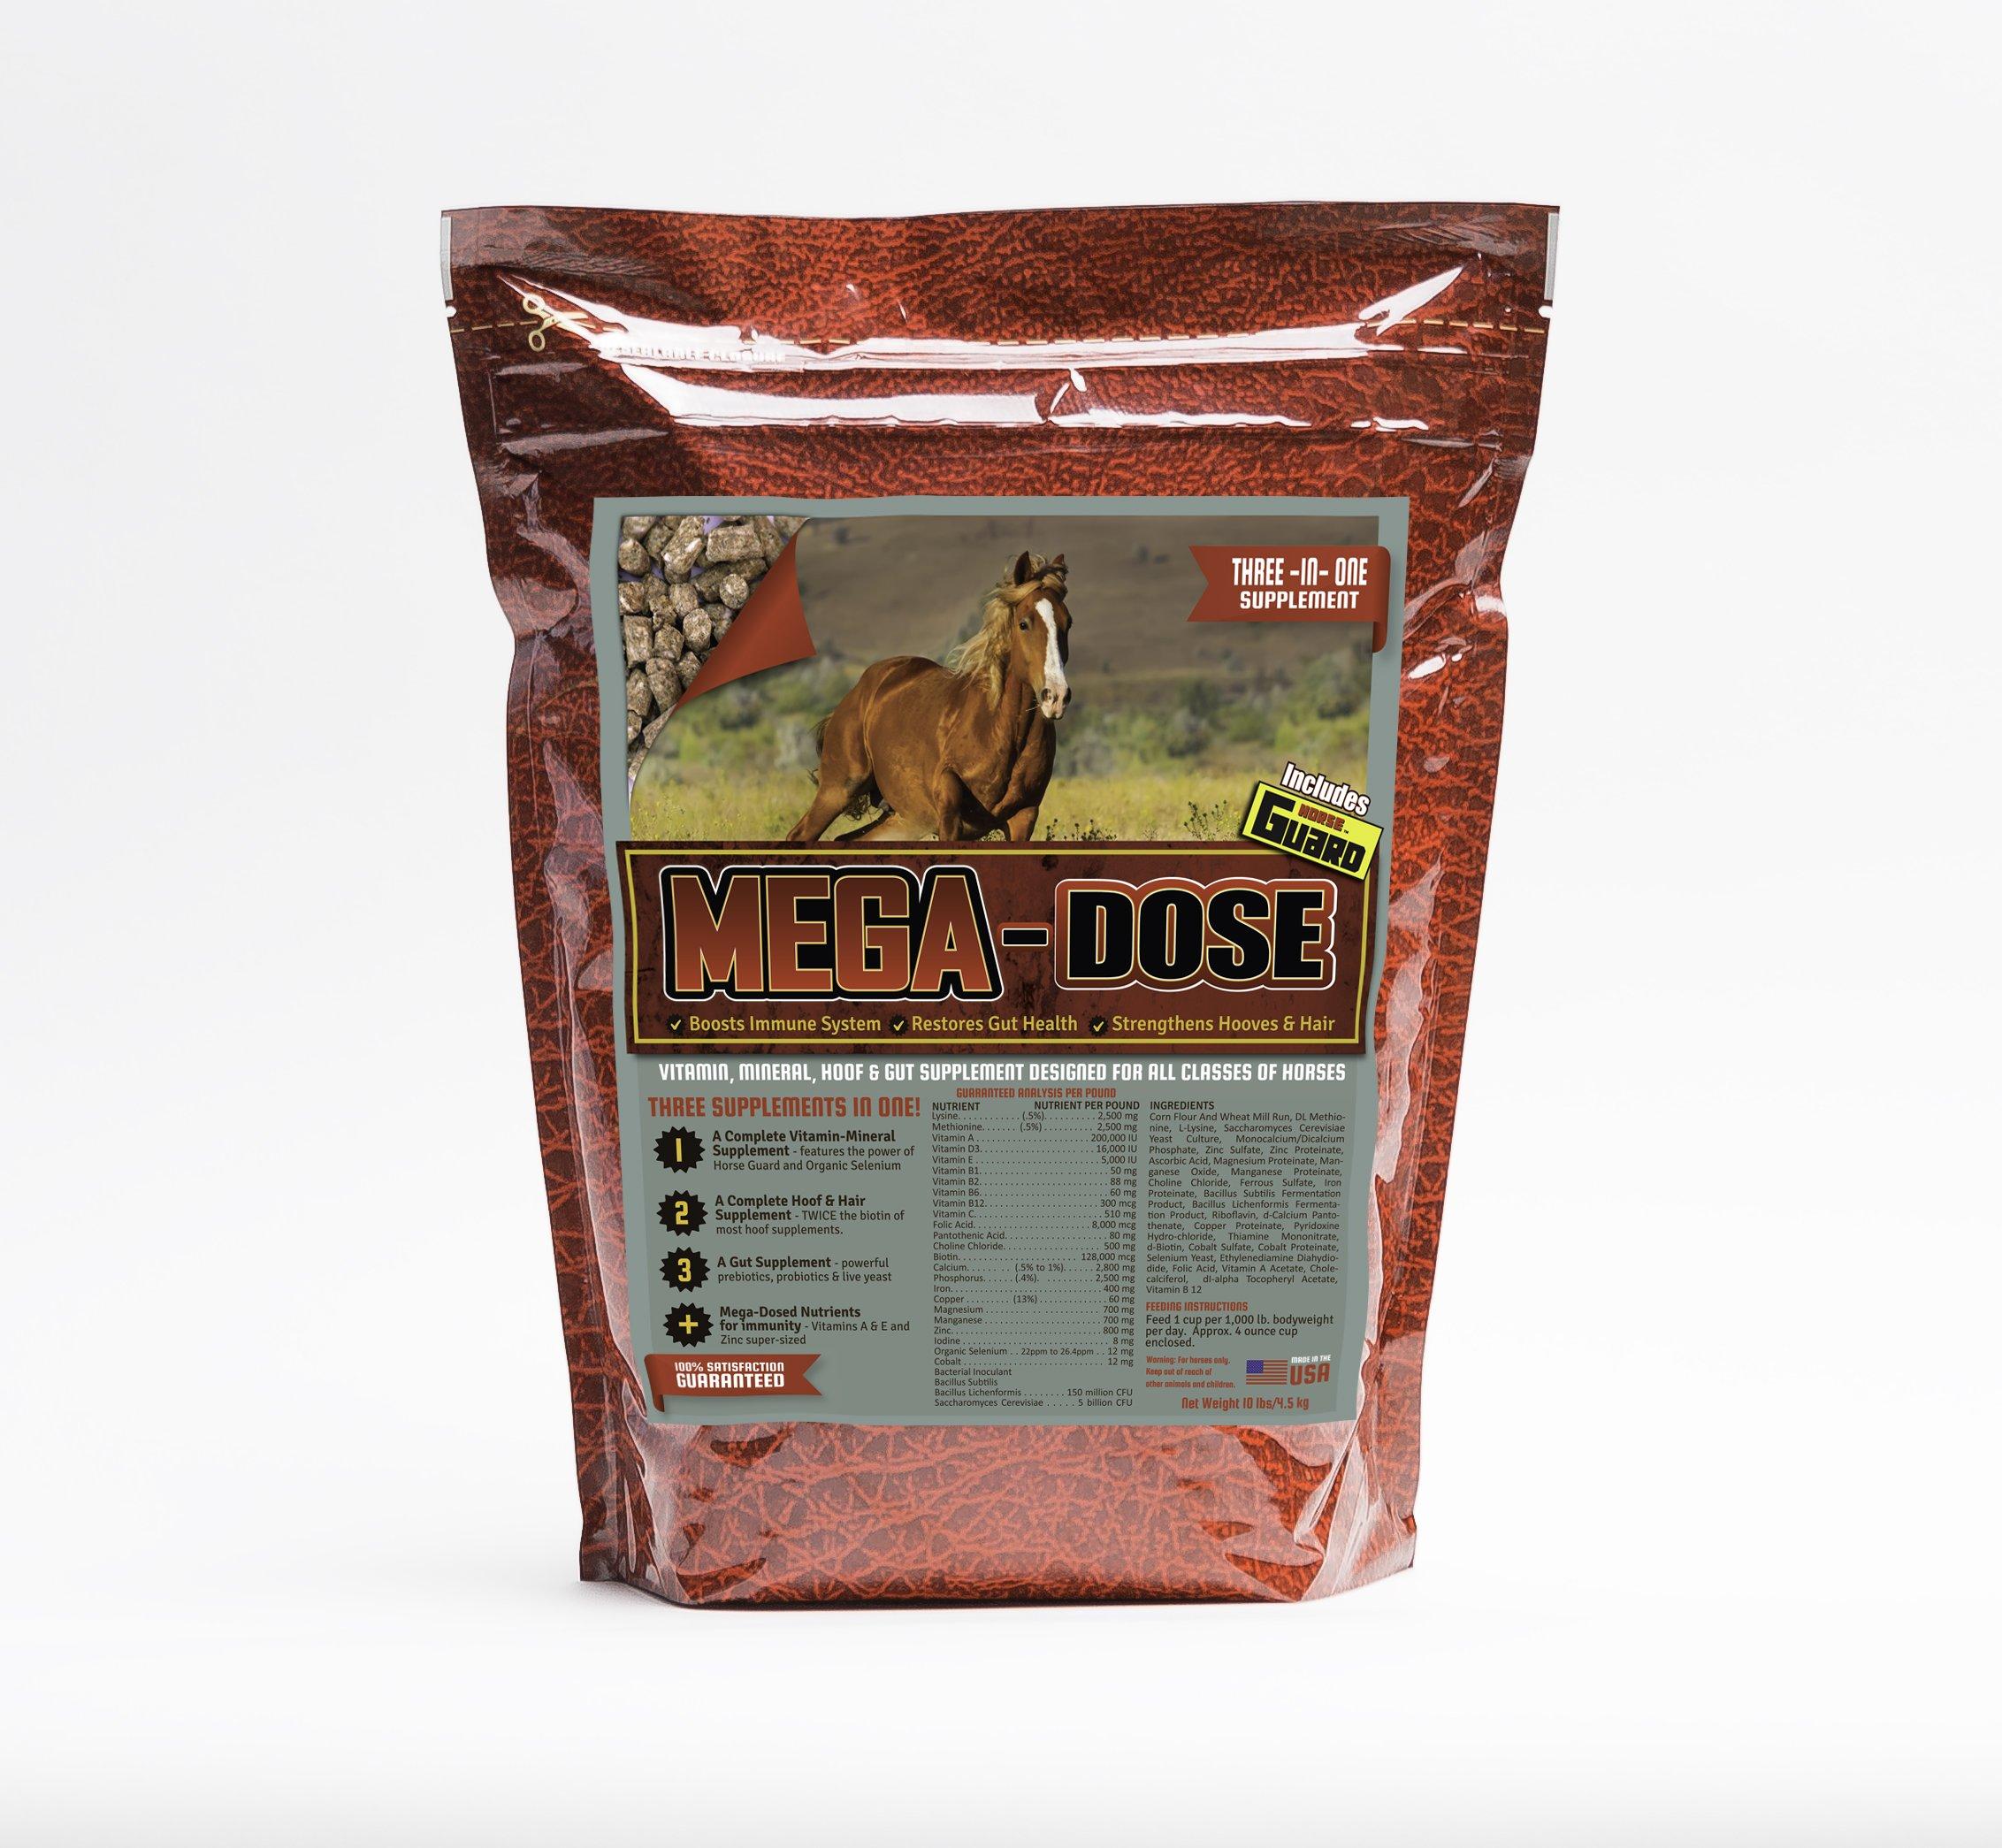 Horse Guard Mega Dose Equine Vitamin Mineral Hoof & Probiotic Supplement, 10 lb by Horse Guard